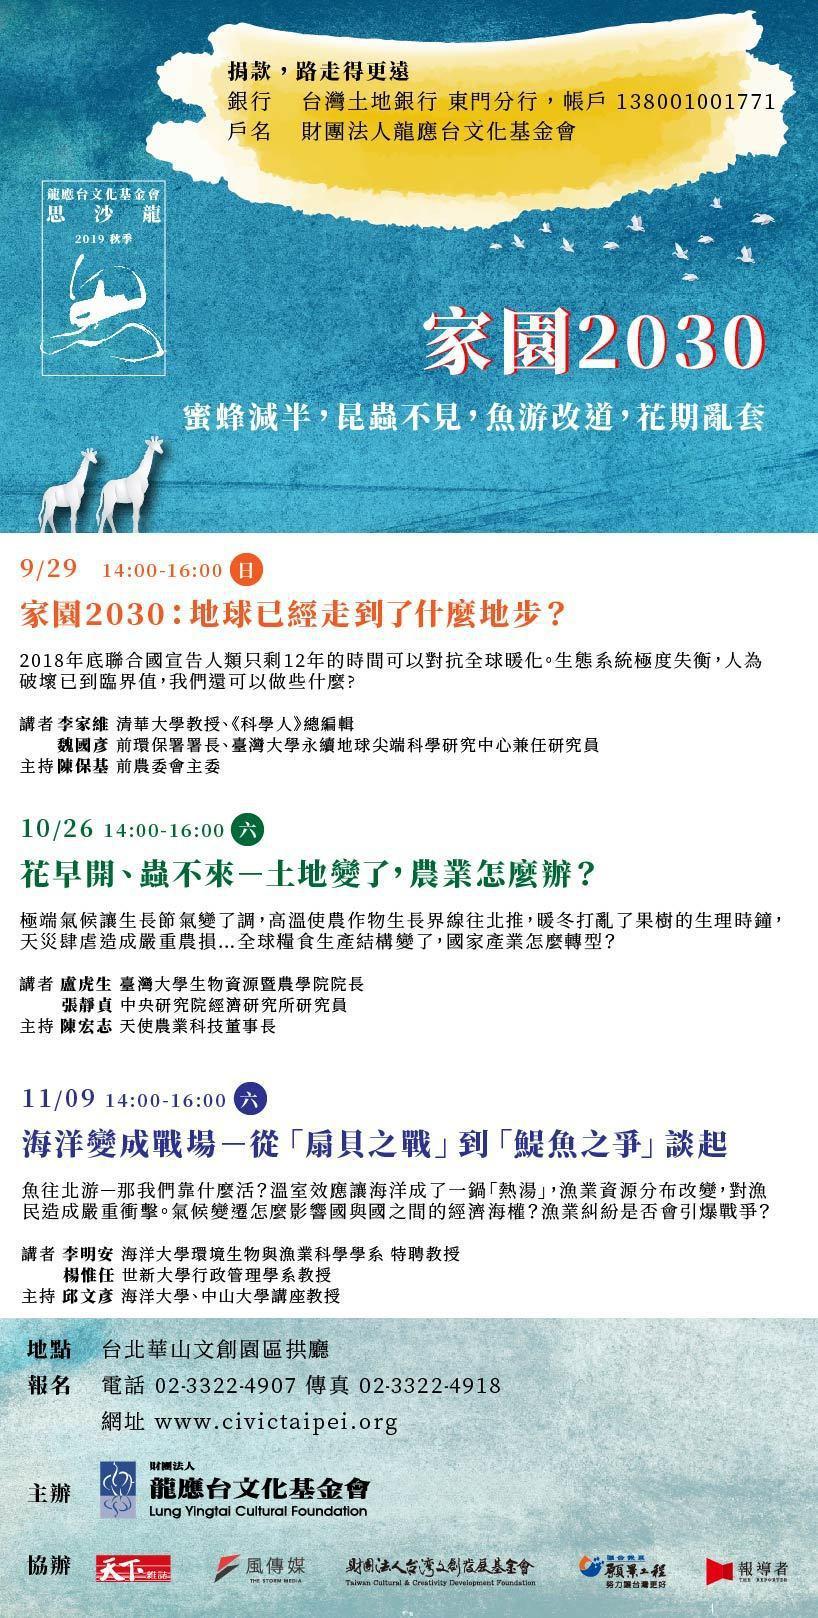 圖/龍應台文化基金會提供 龍應台文化基金會提供